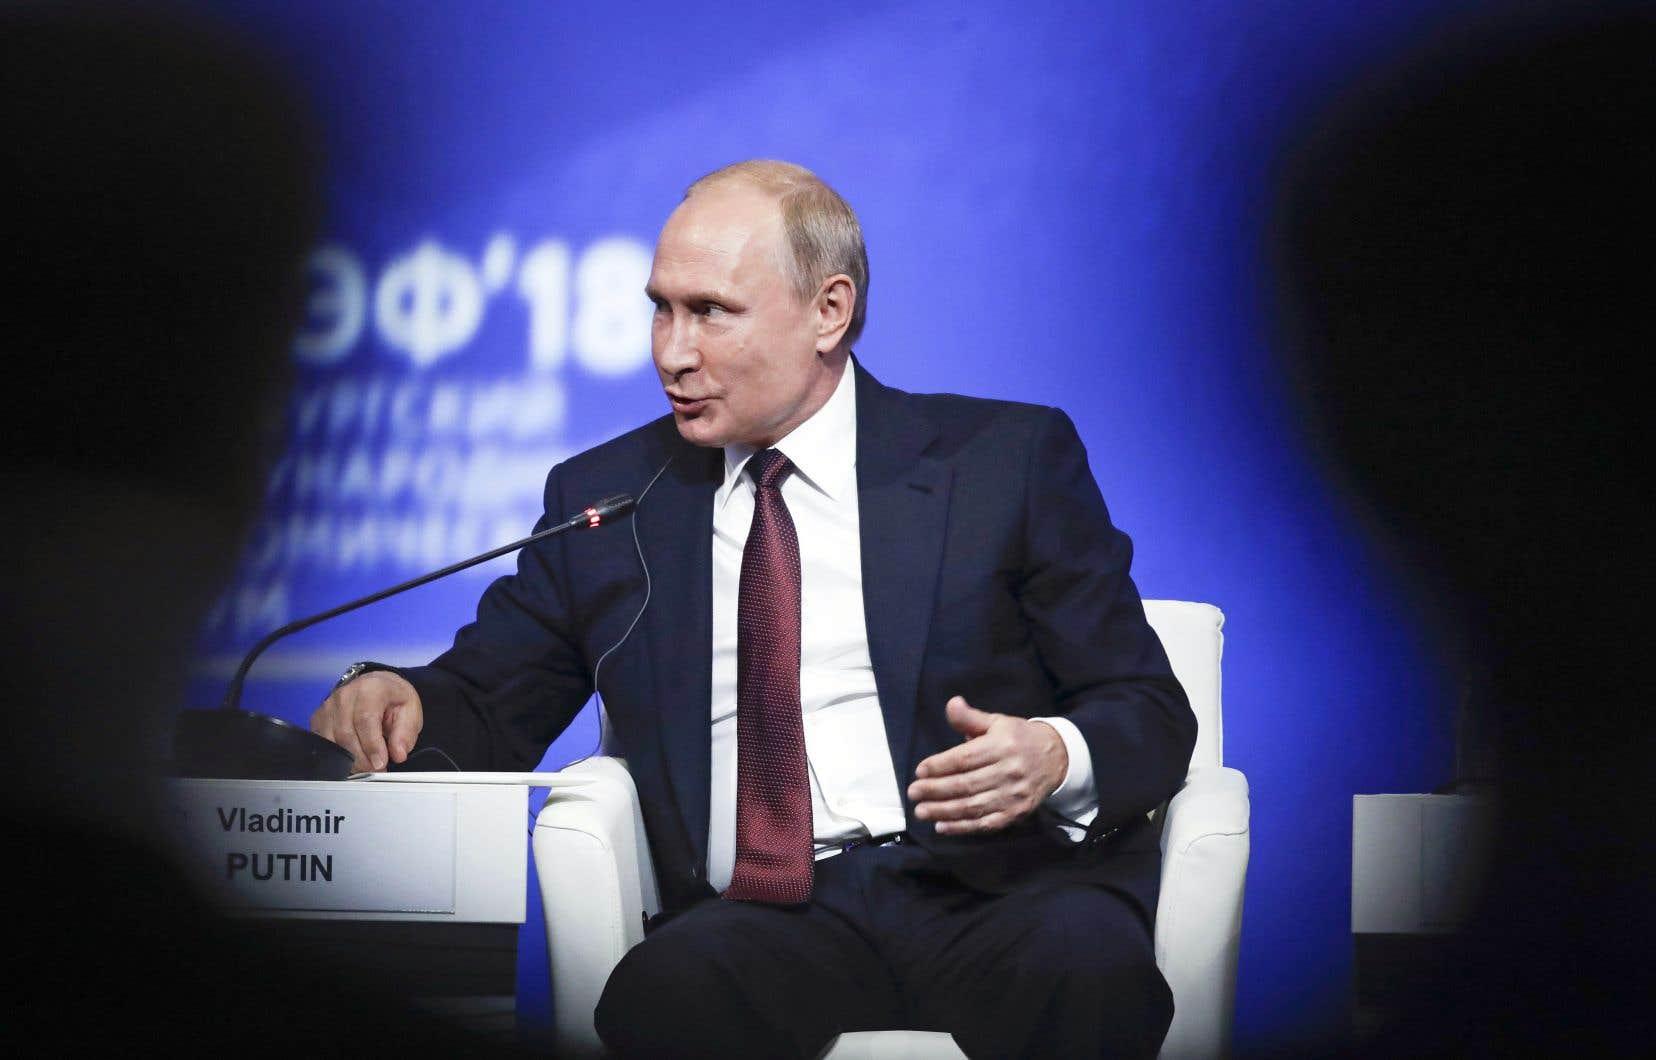 Le discours du président russe, Vladimir Poutine, a été dominé par un constat alarmiste sur le commerce mondial.